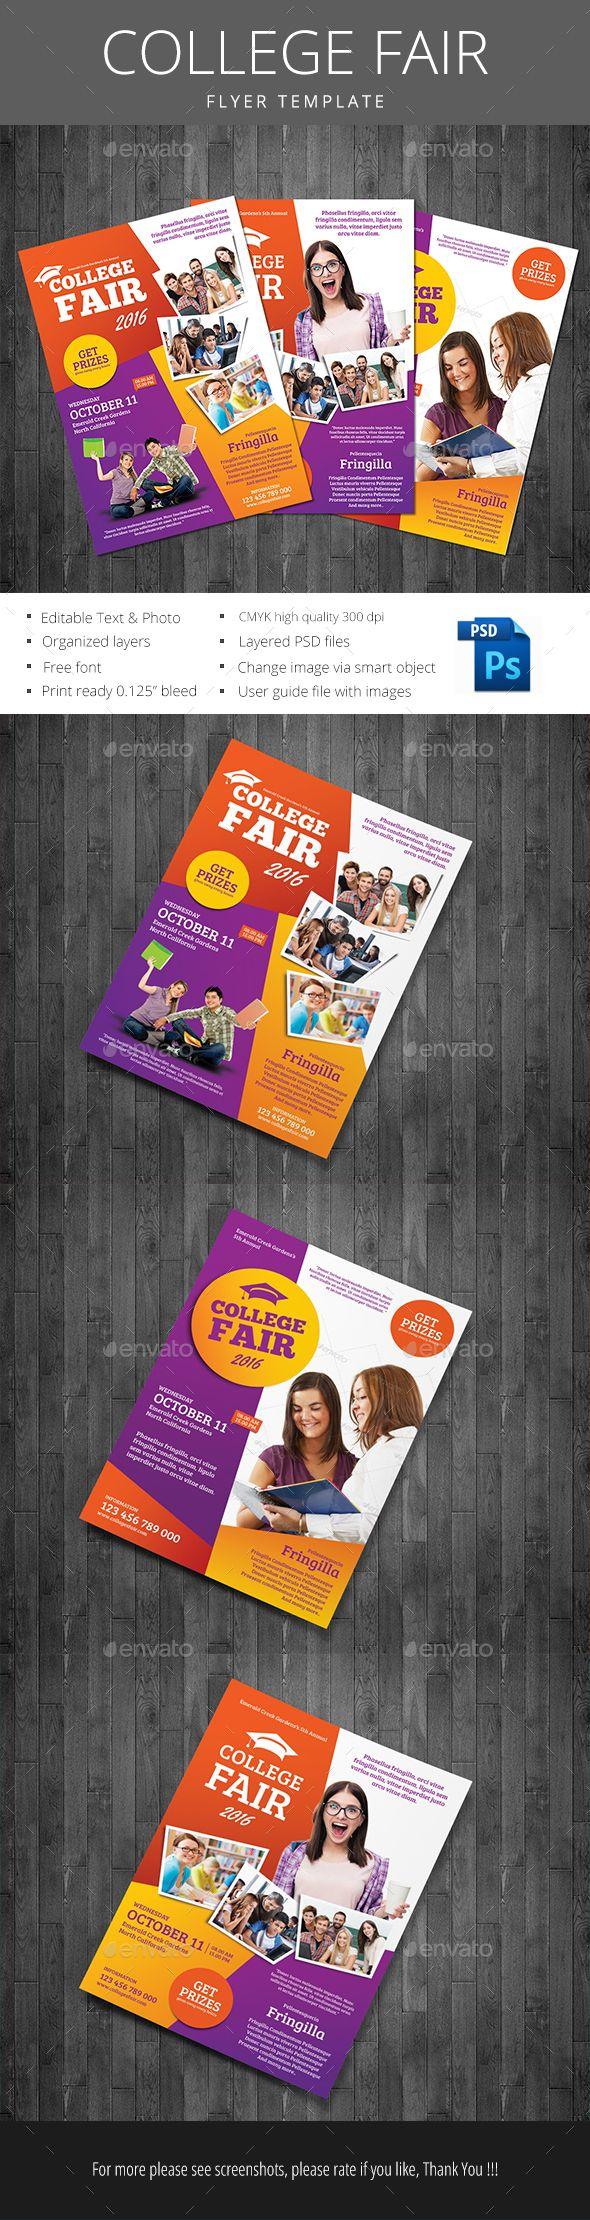 college fair flyer templates pinterest flyer template